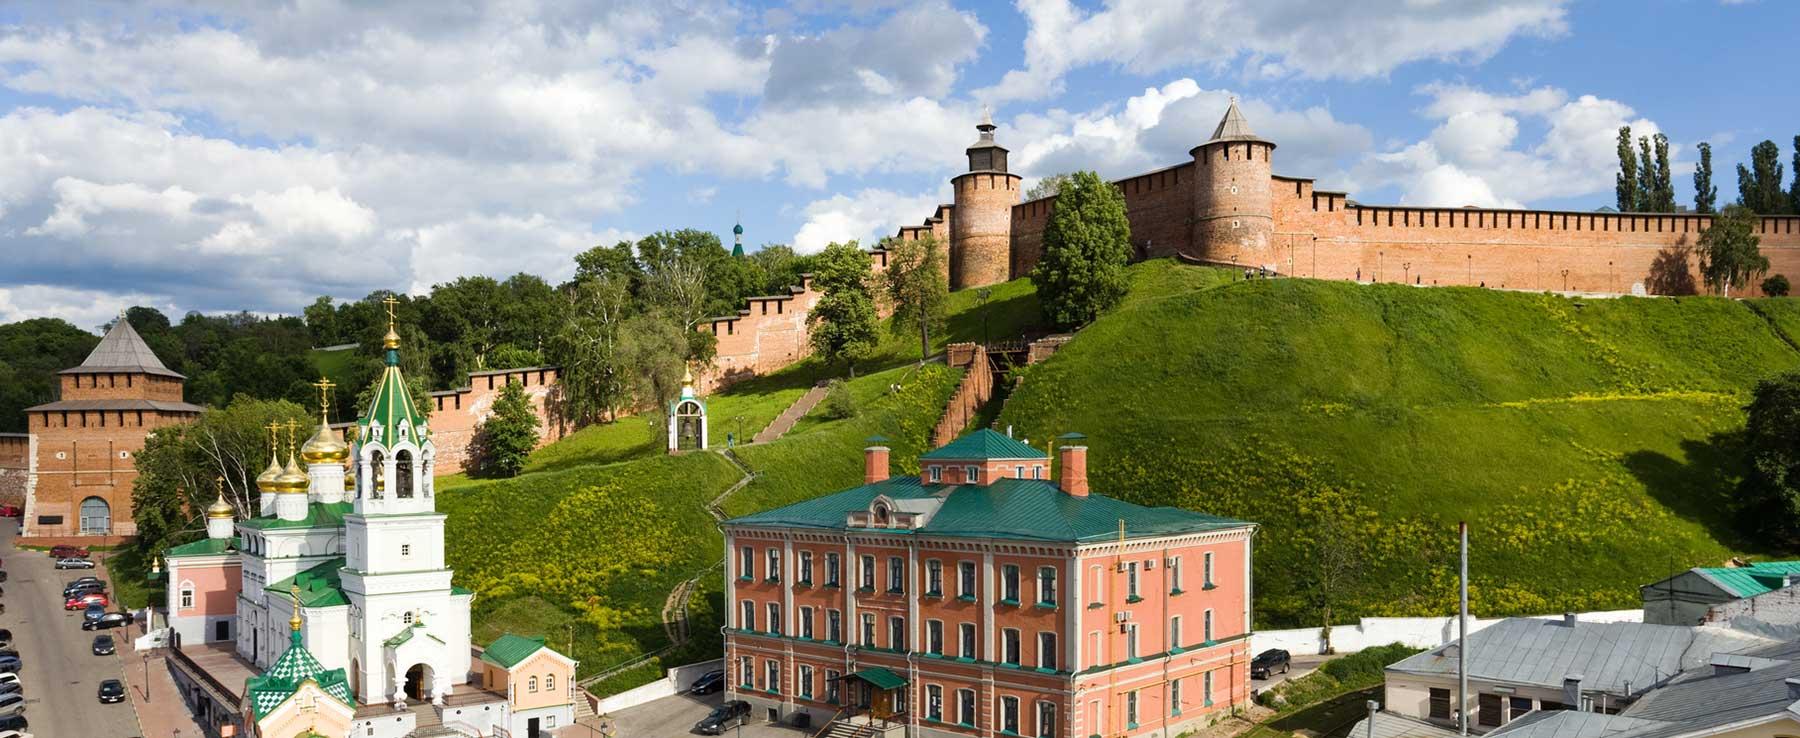 Кремлевский холм в Нижнем Новгороде